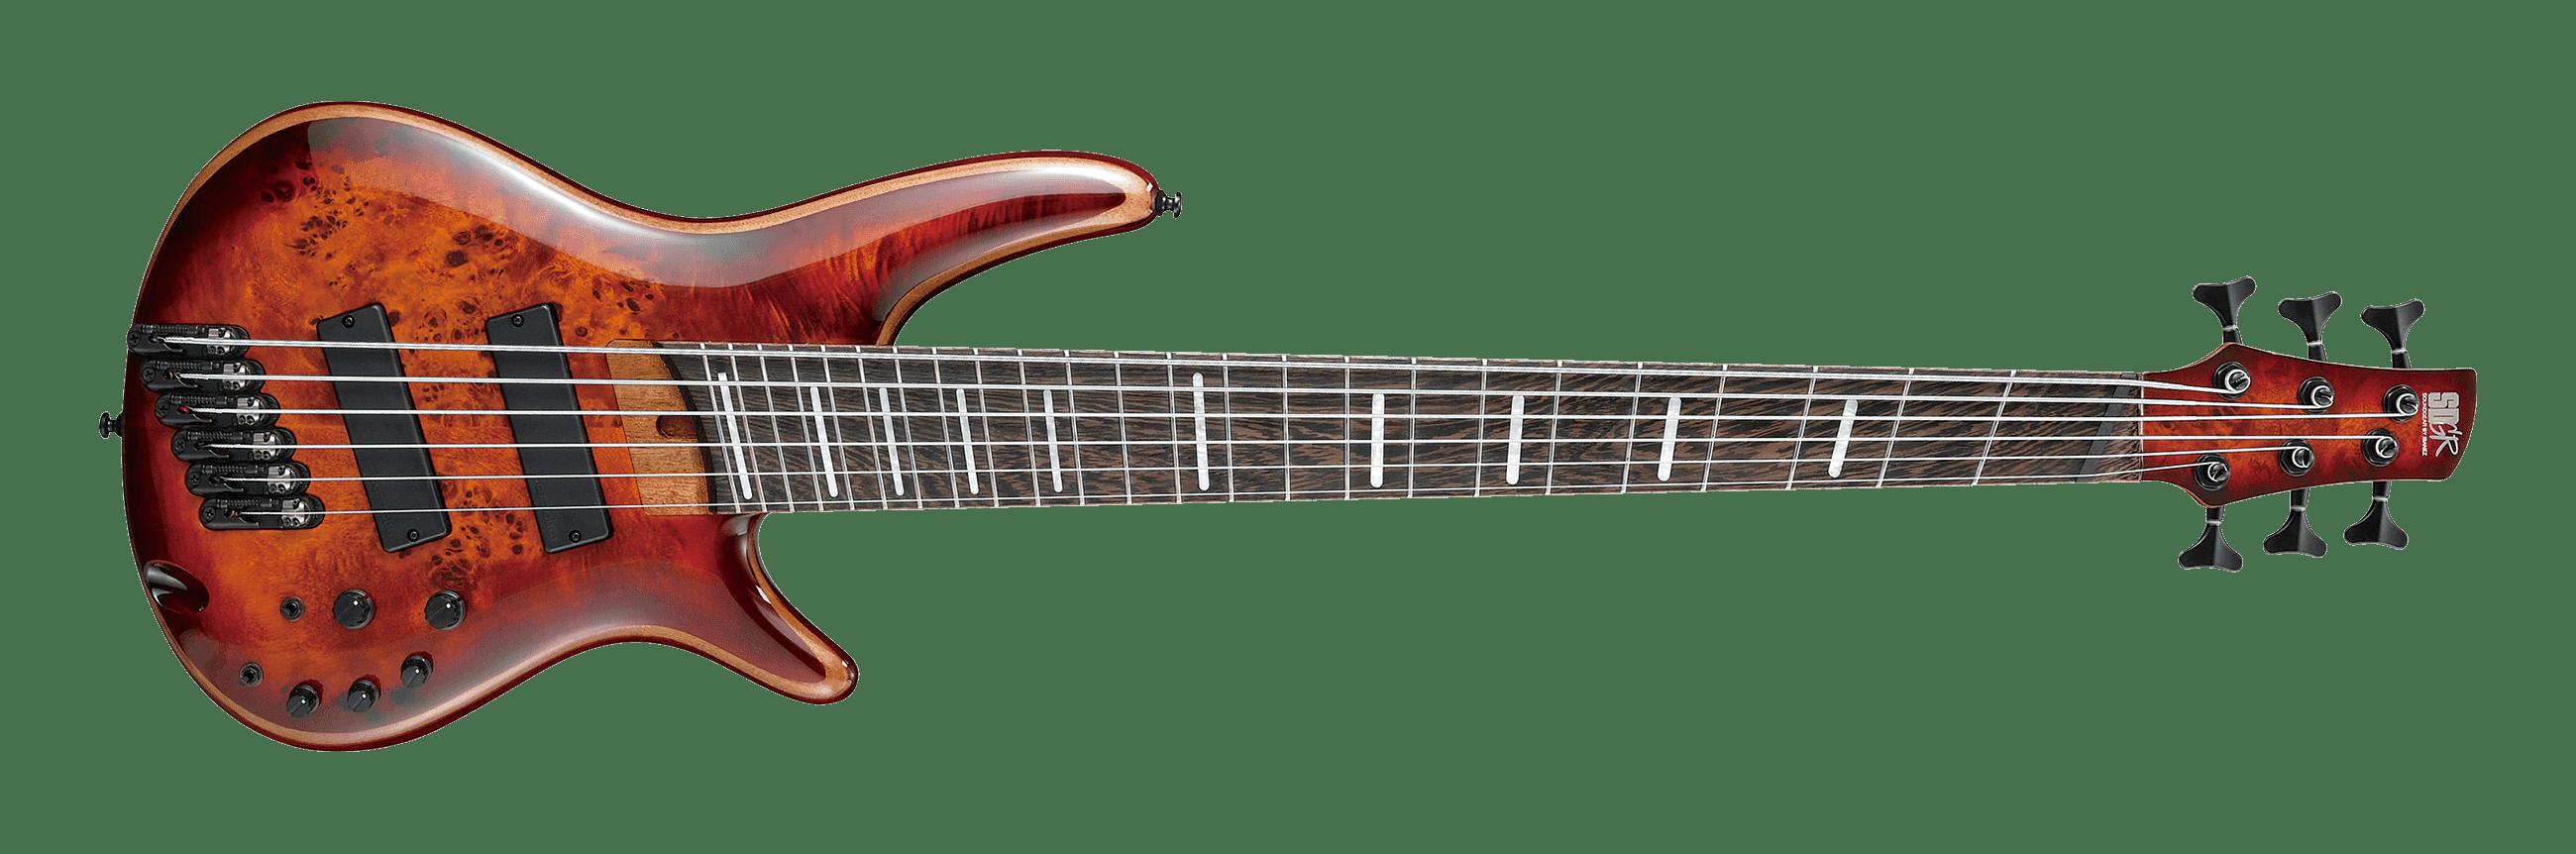 SRMS806